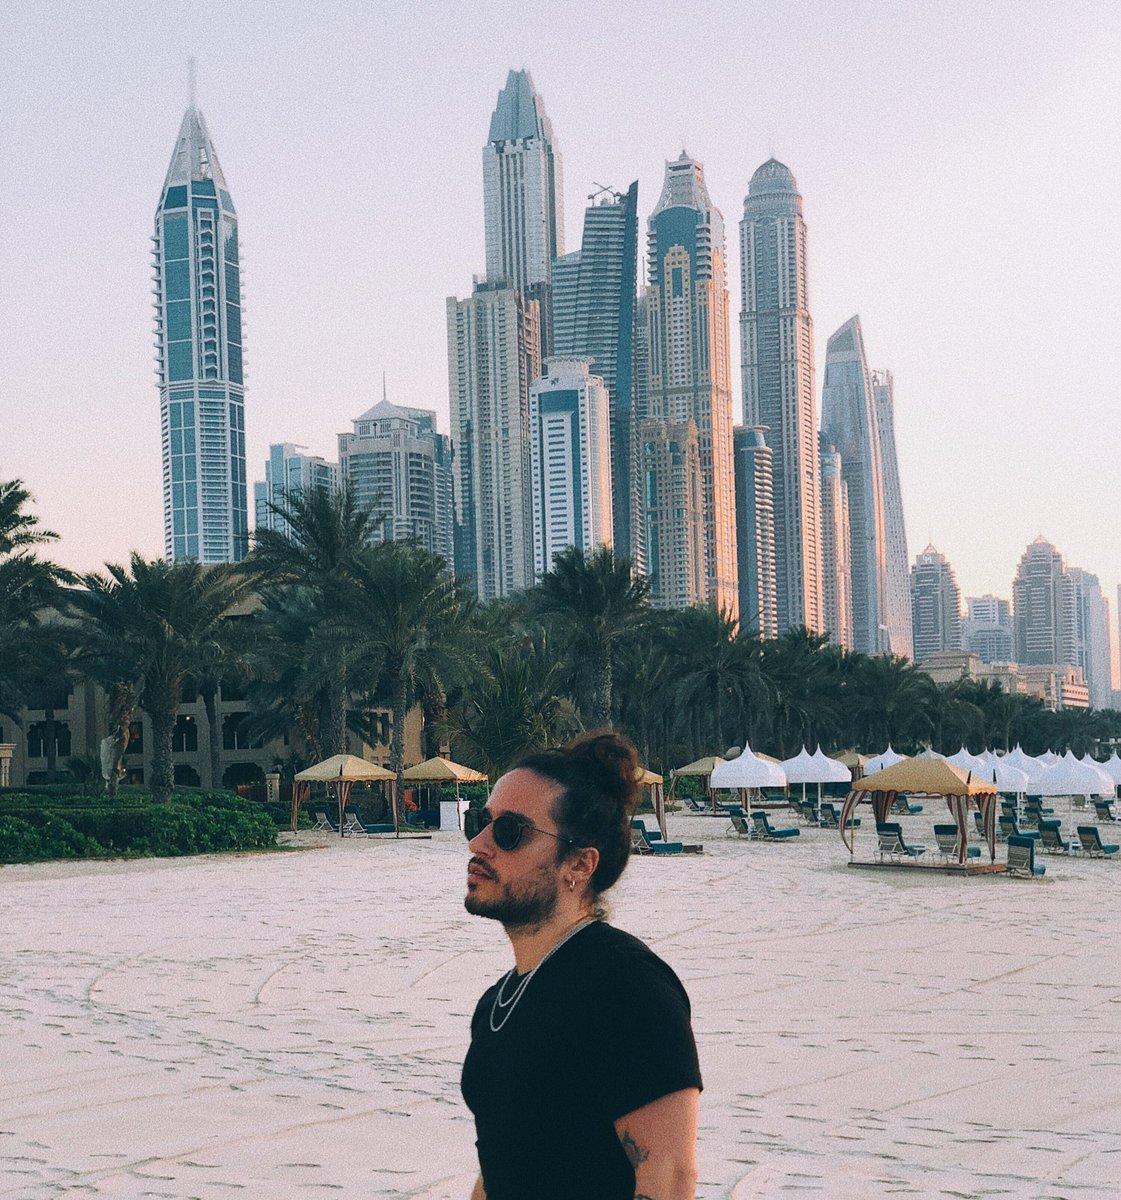 Dubai 🇦🇪